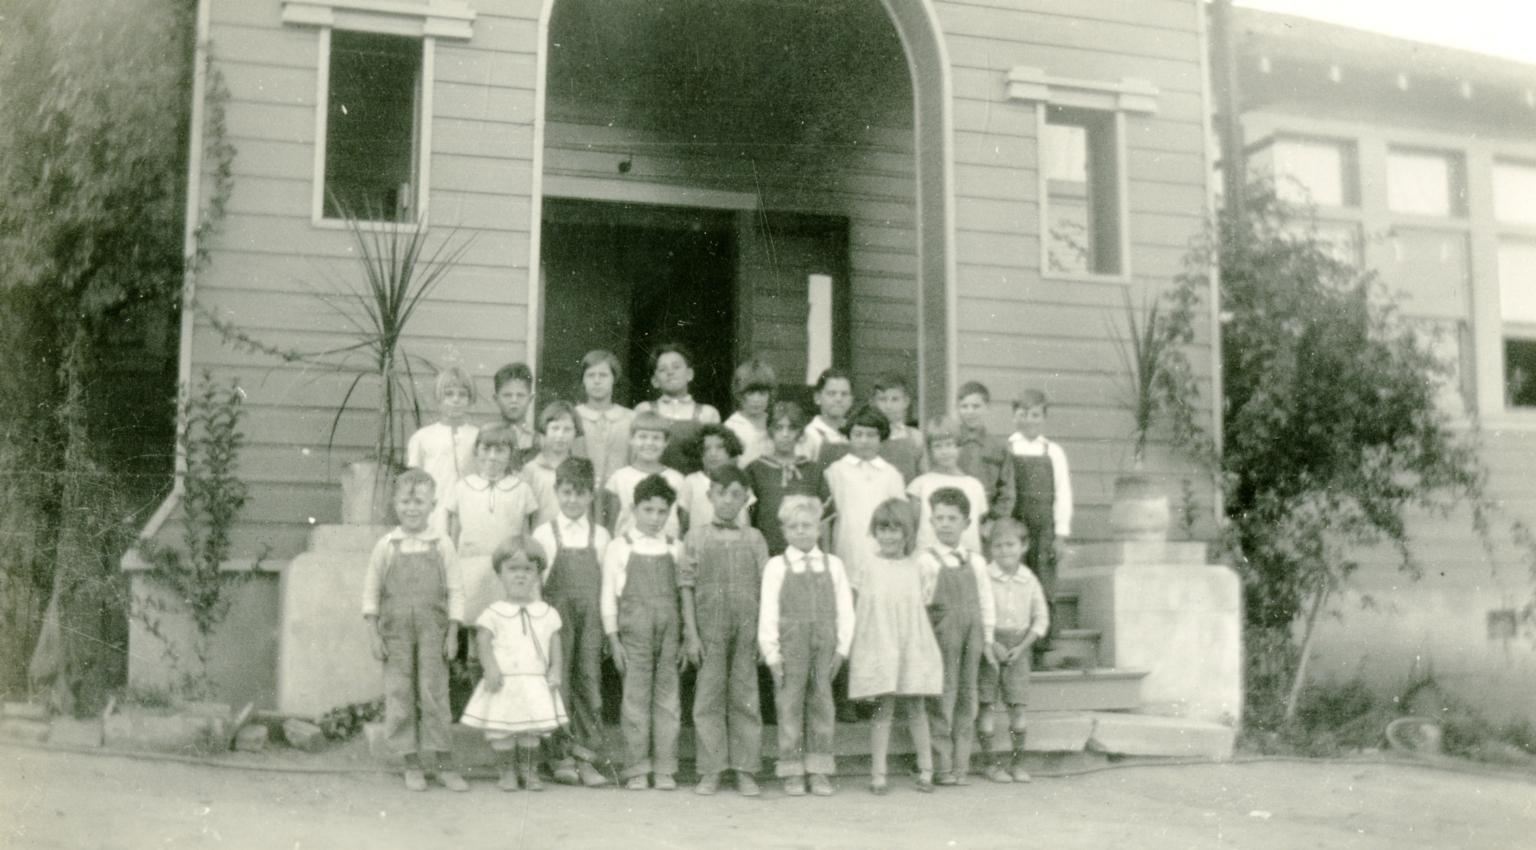 Blochman School